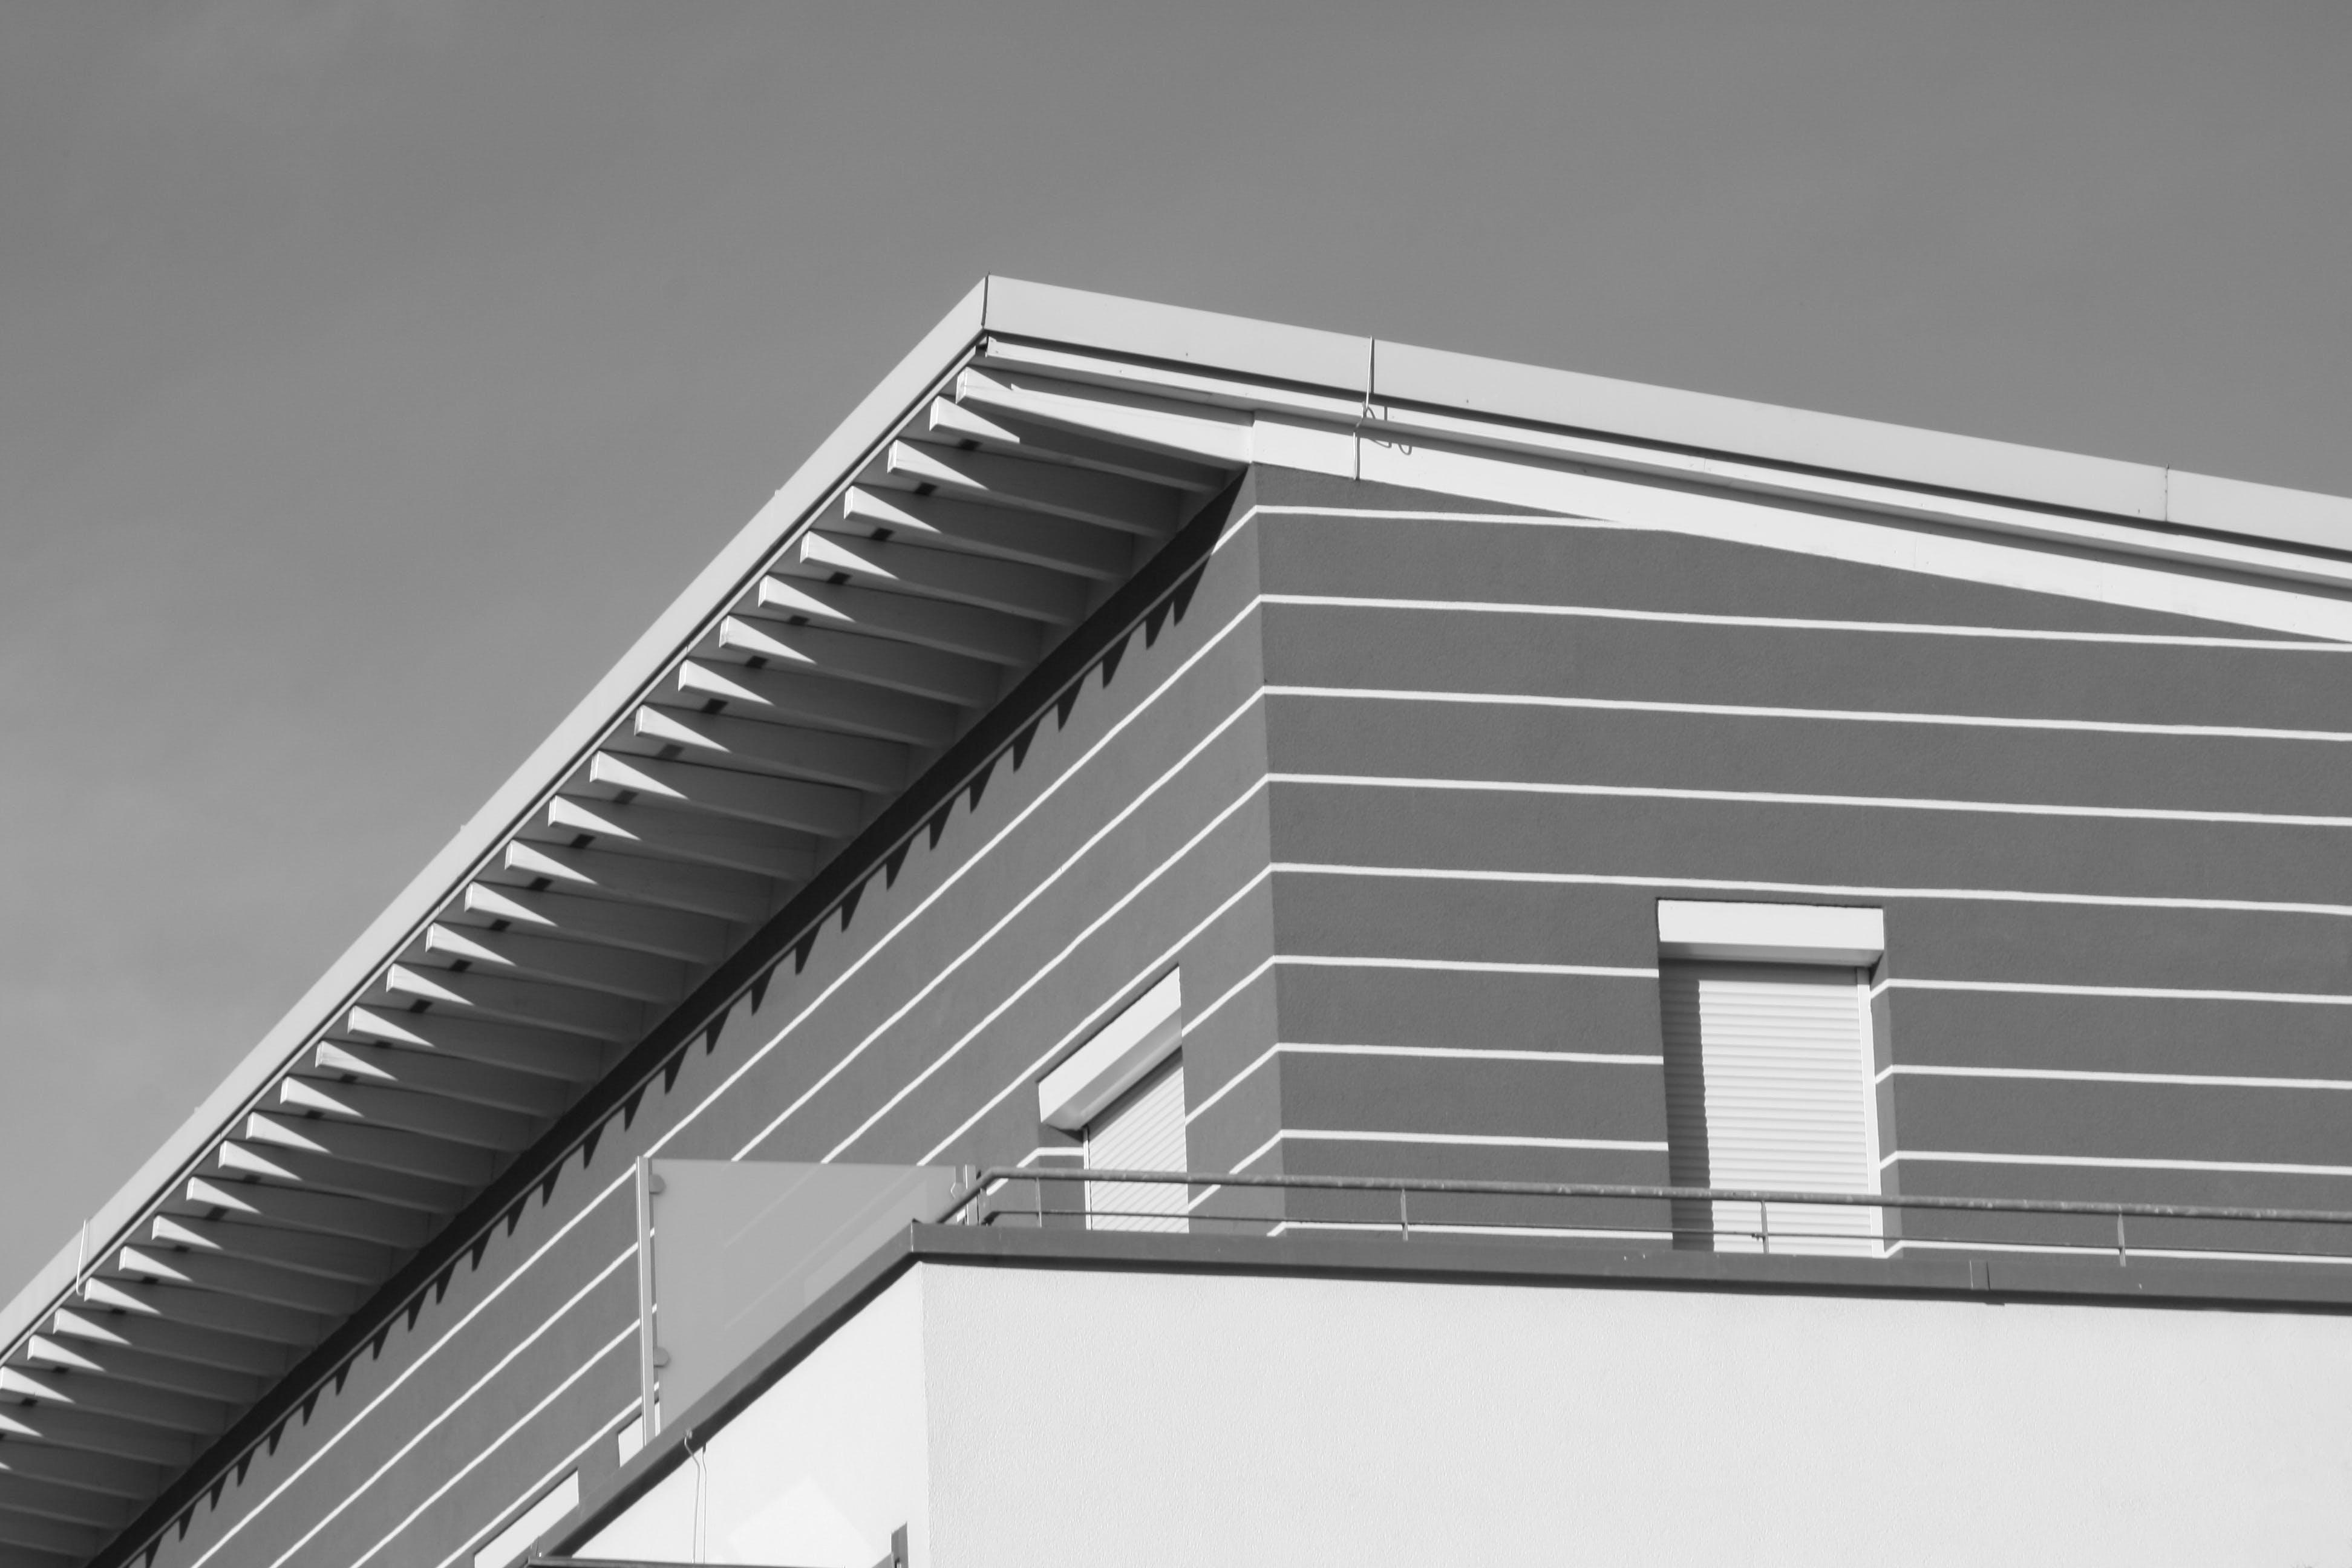 Foto stok gratis Arsitektur, bangunan, hitam & putih, pandangan